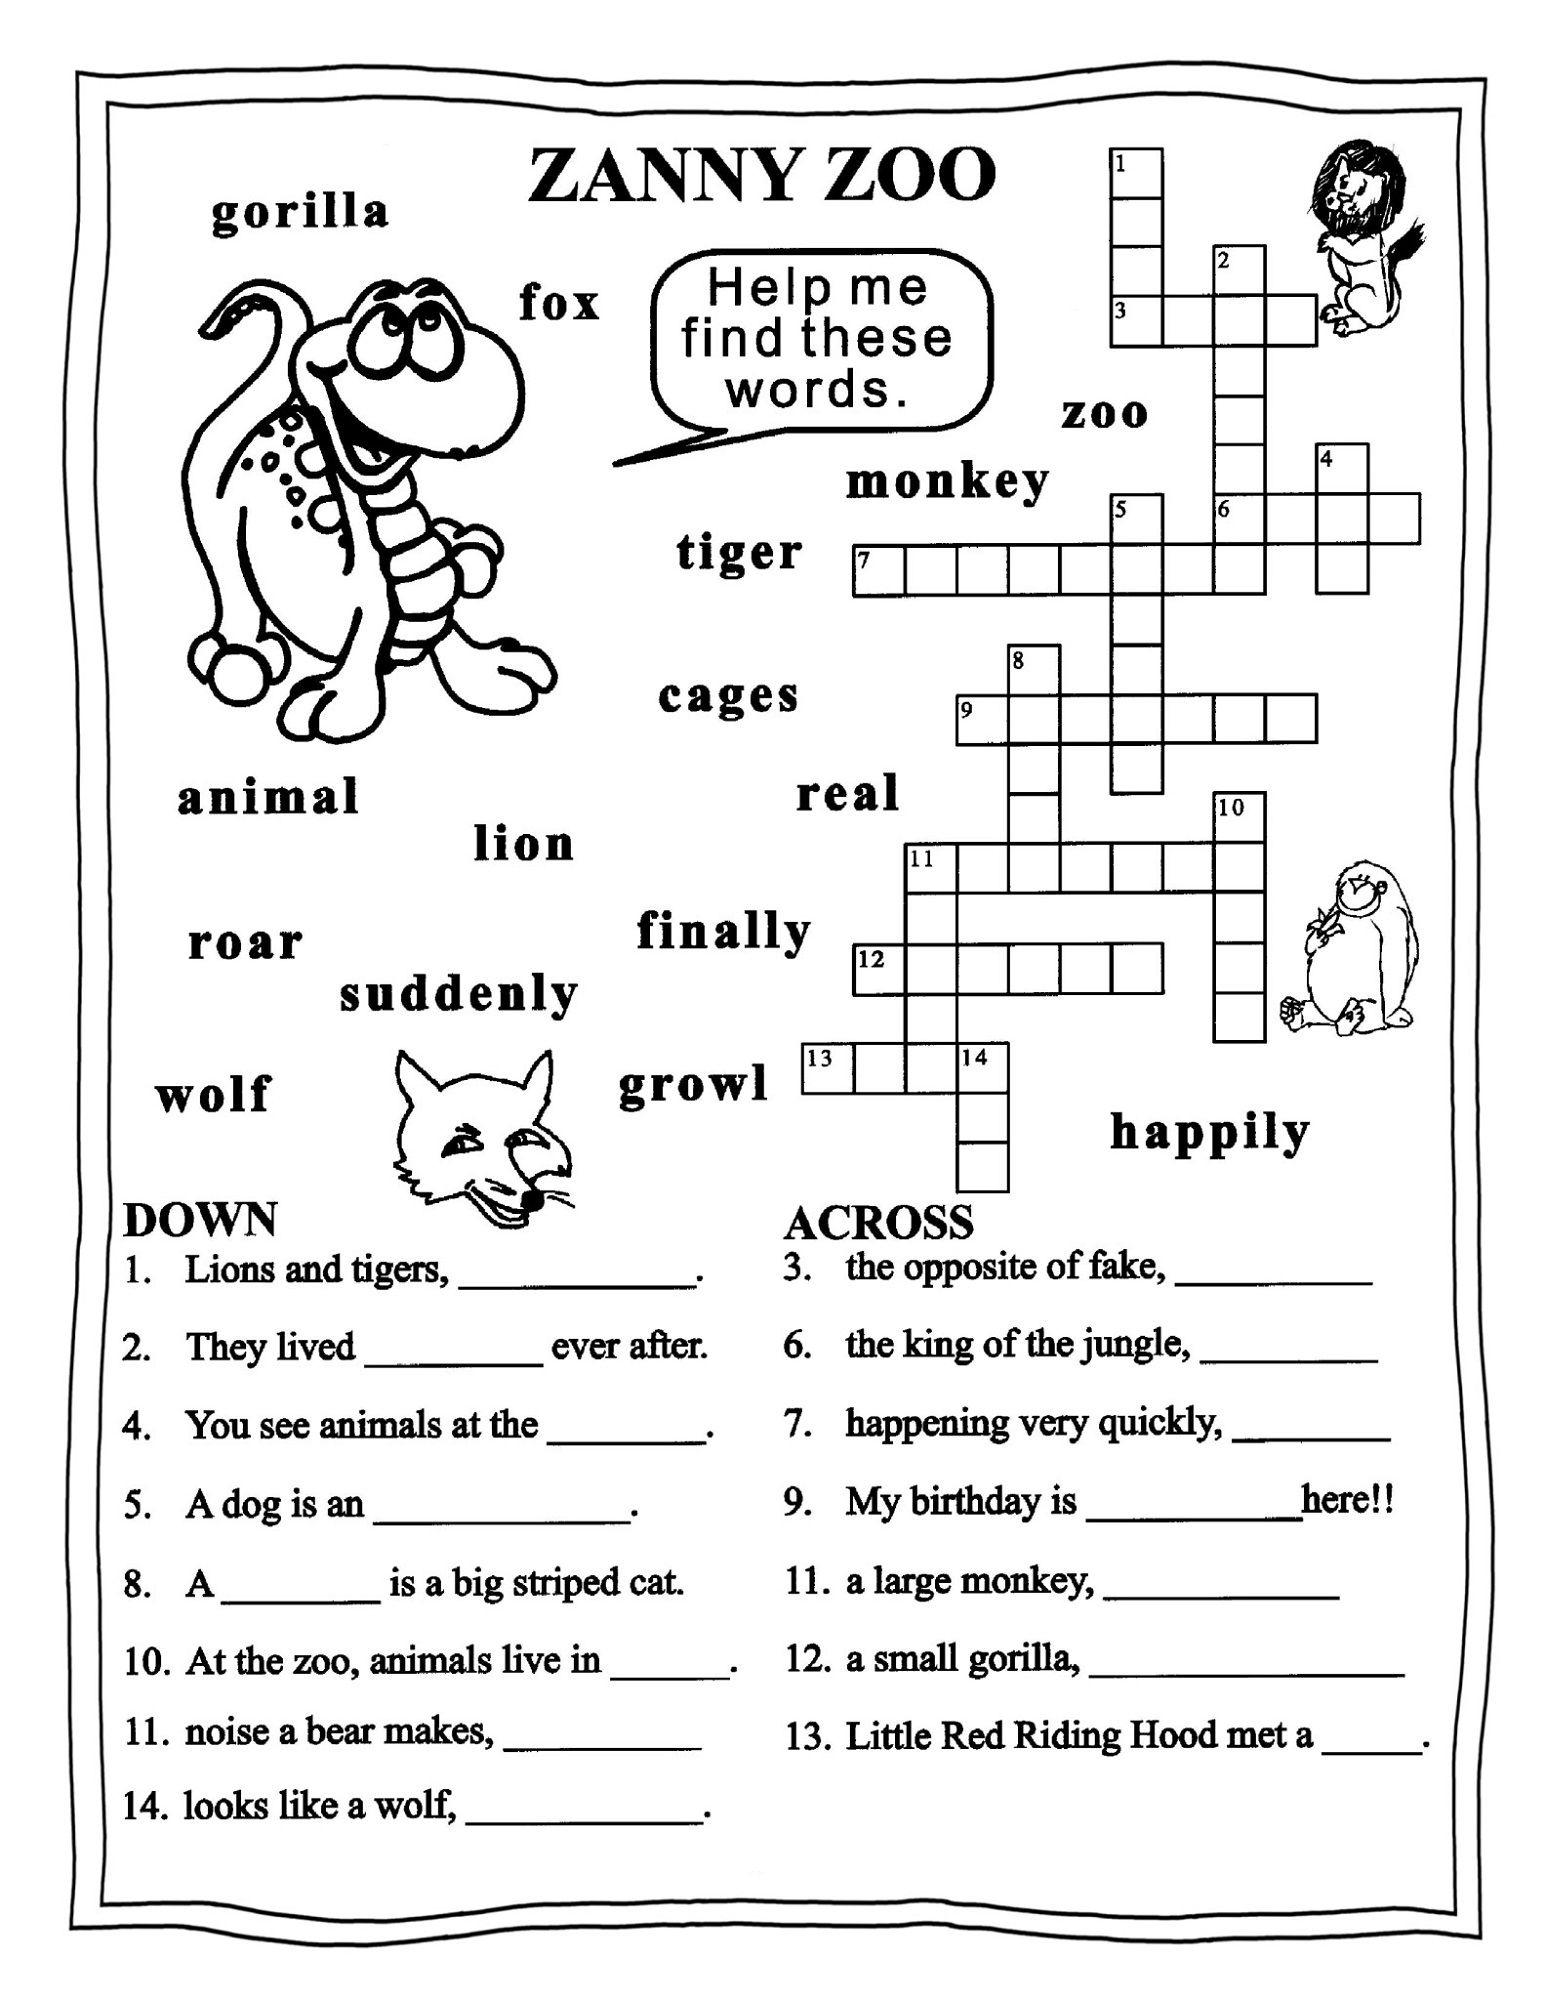 Worksheet English Puzzle